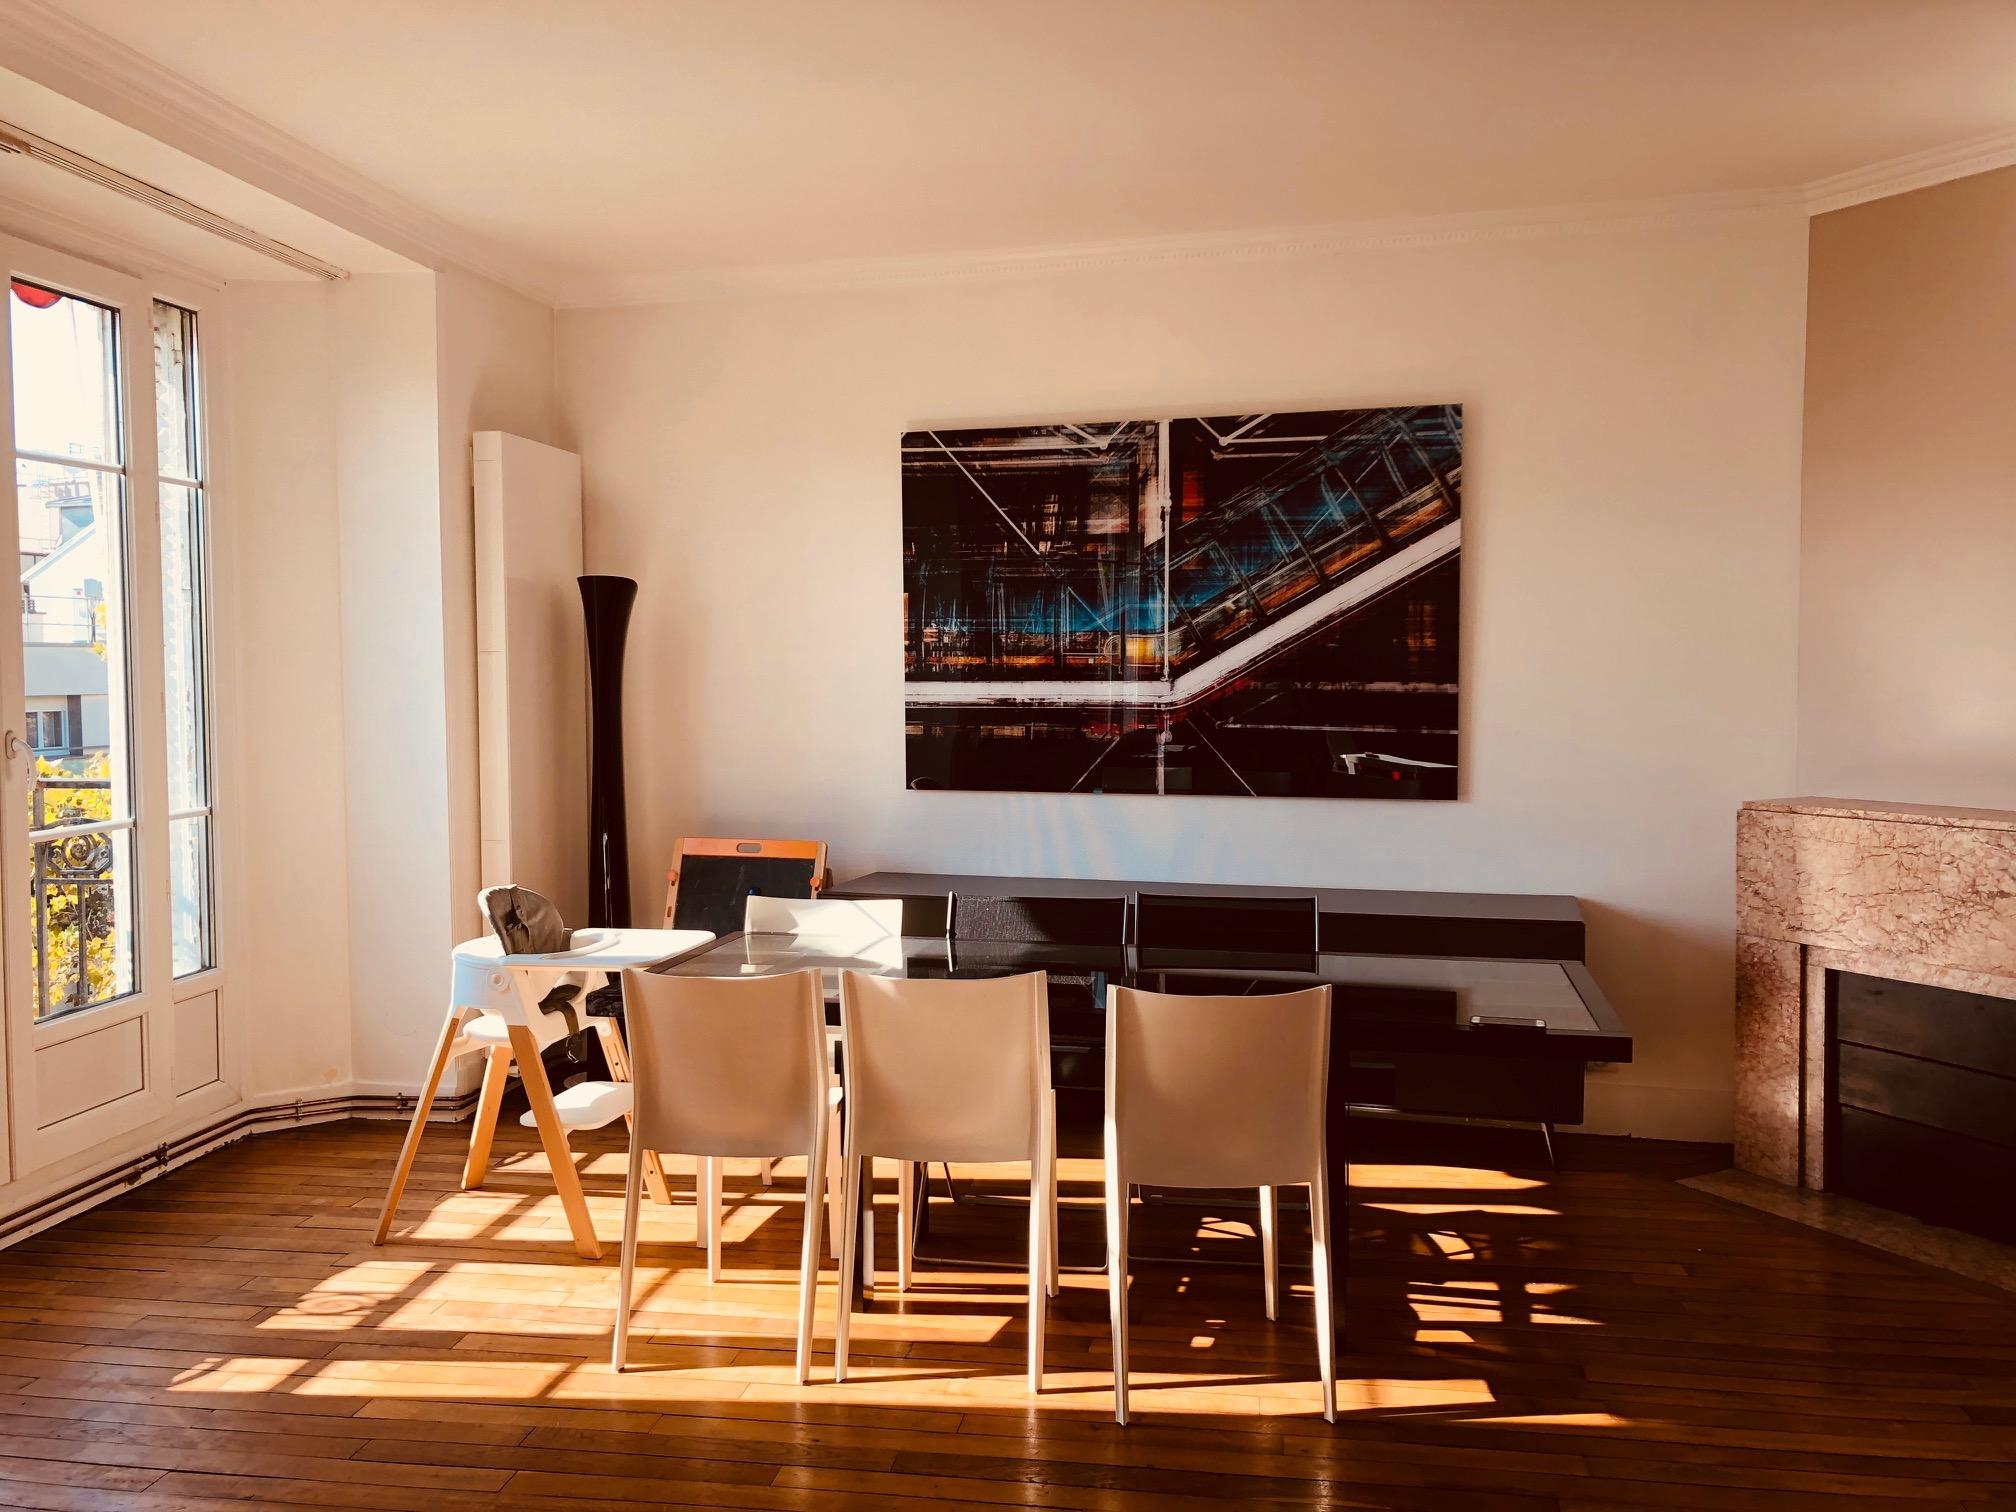 la-clef-des-villes-agence-immobiliere-boulogne-billancourt-photo-salon-lumineux